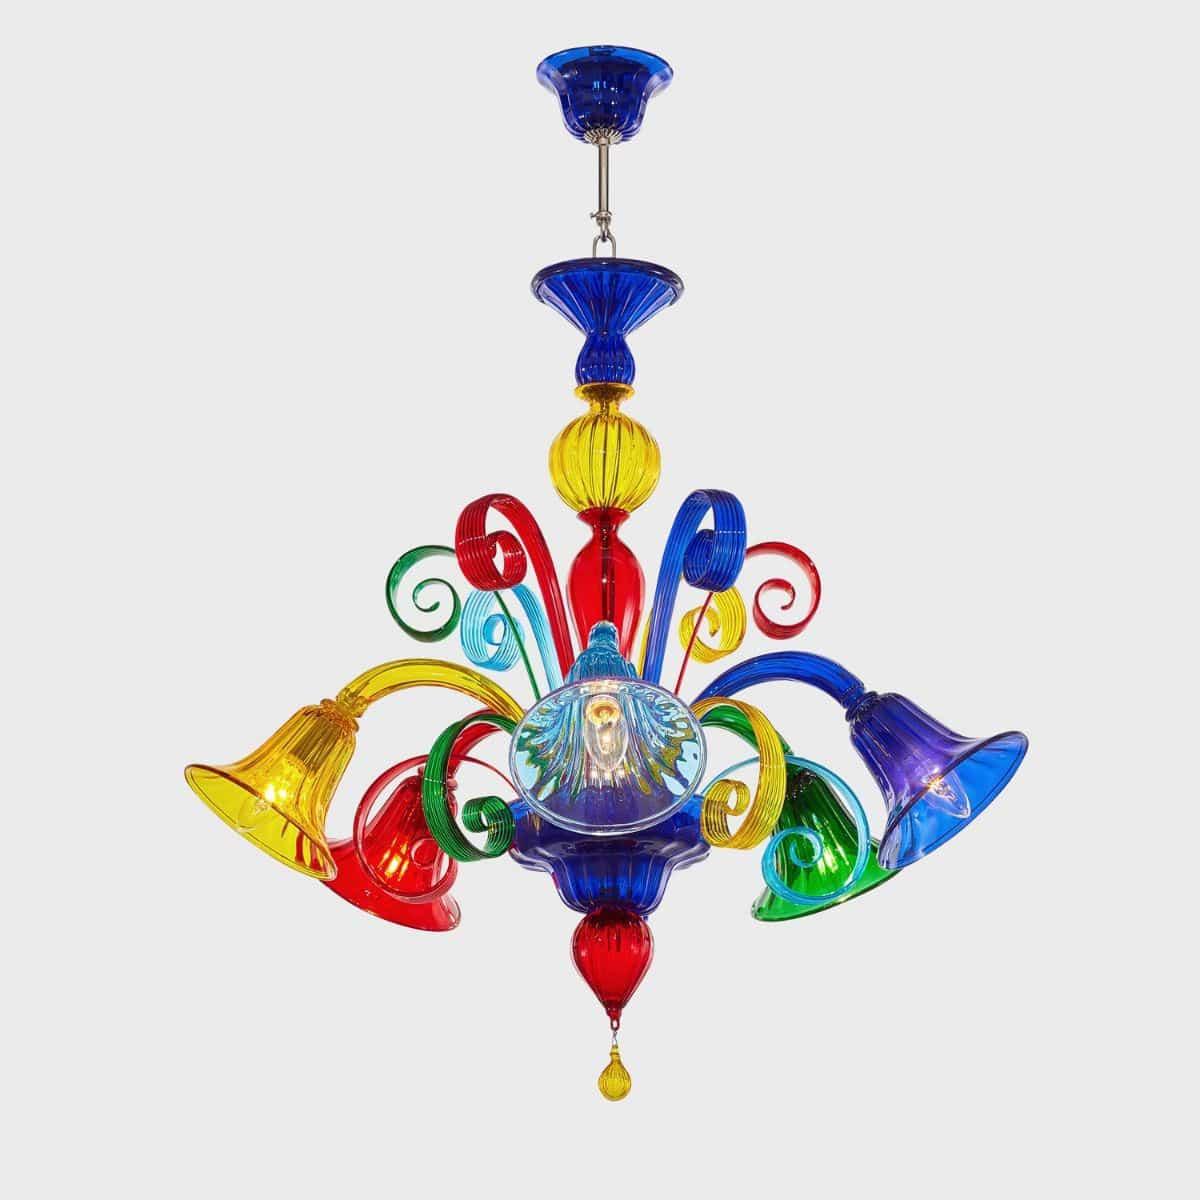 lampadario classico / in vetro di Murano / LED / fatto a mano